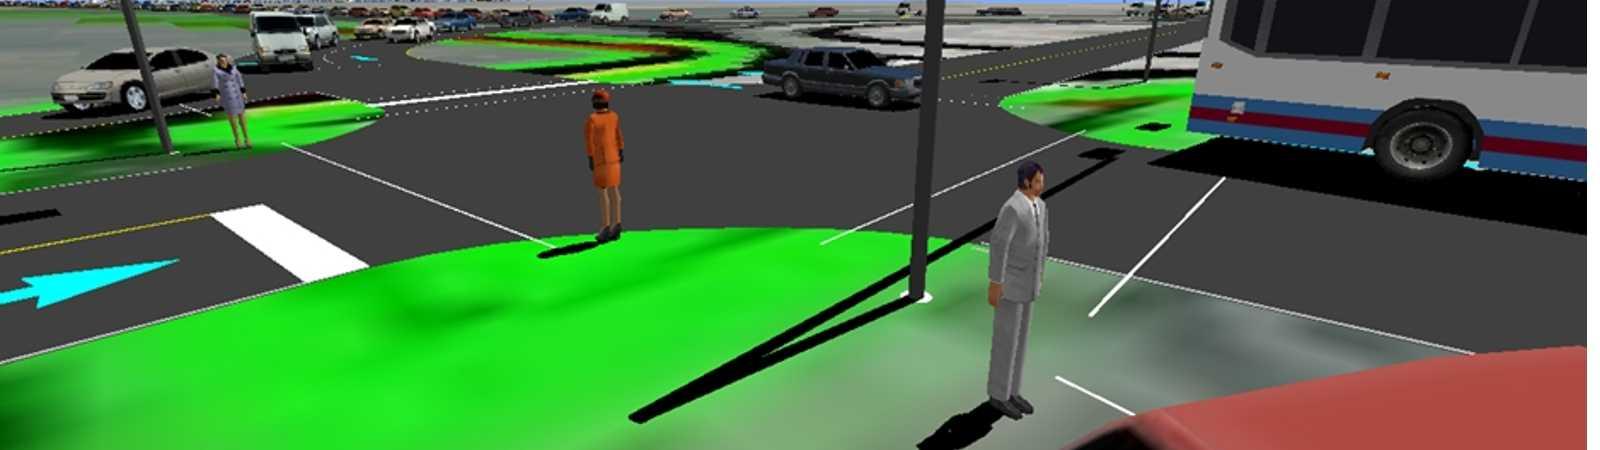 studi sulla mobilita', sui trasporti e sul traffico con il supporto di modelli matematici di macrosimulazione del sistema di trasporto e di microsimulazione del traffico